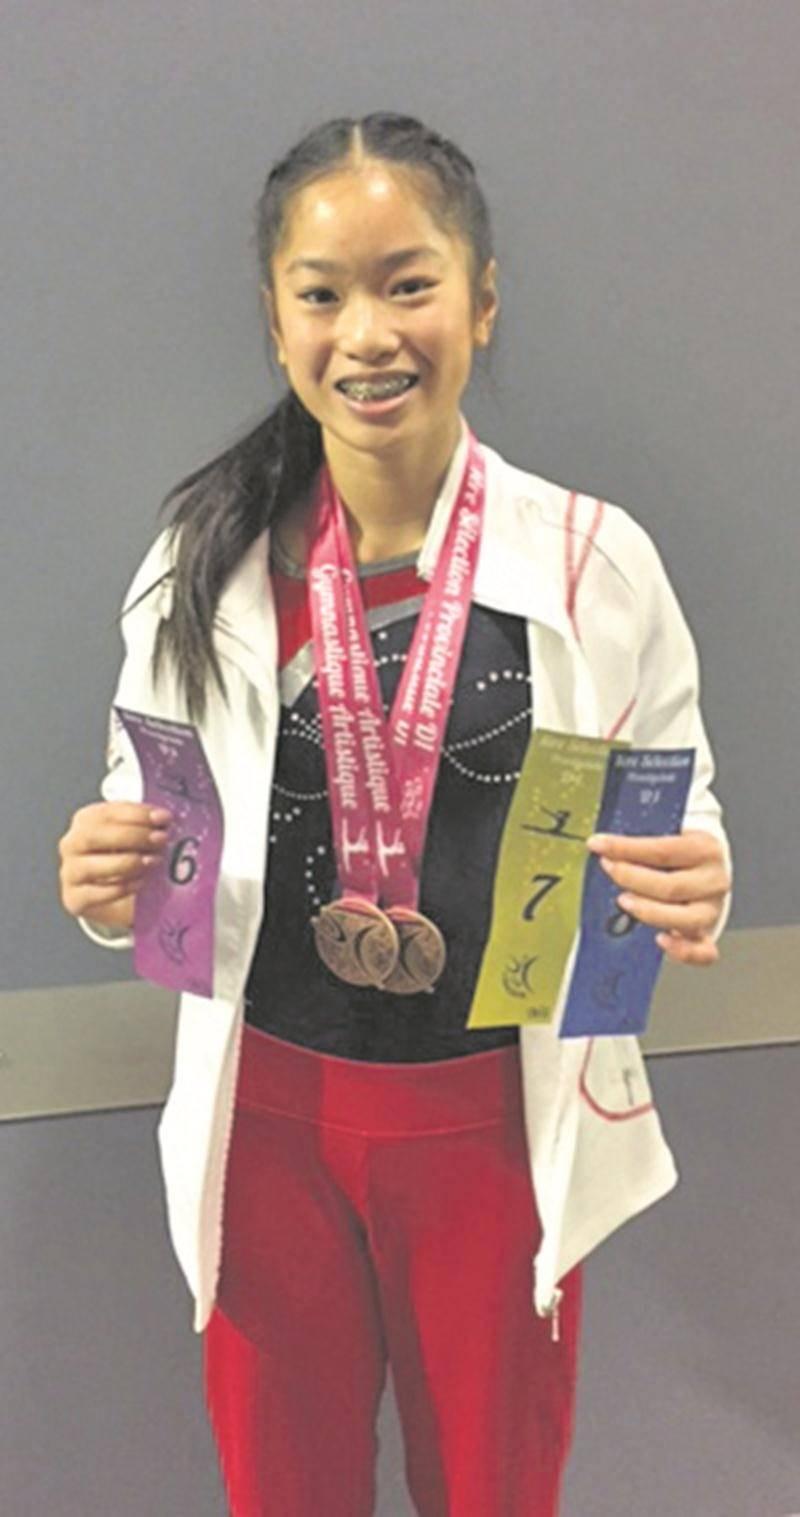 Shalie Brodeur a bien lancé sa saison avec une récolte de deux médailles de bronze et trois rubans chez les novices P7 à la 1re sélection de gymnastique artistique. Photo Courtoisie